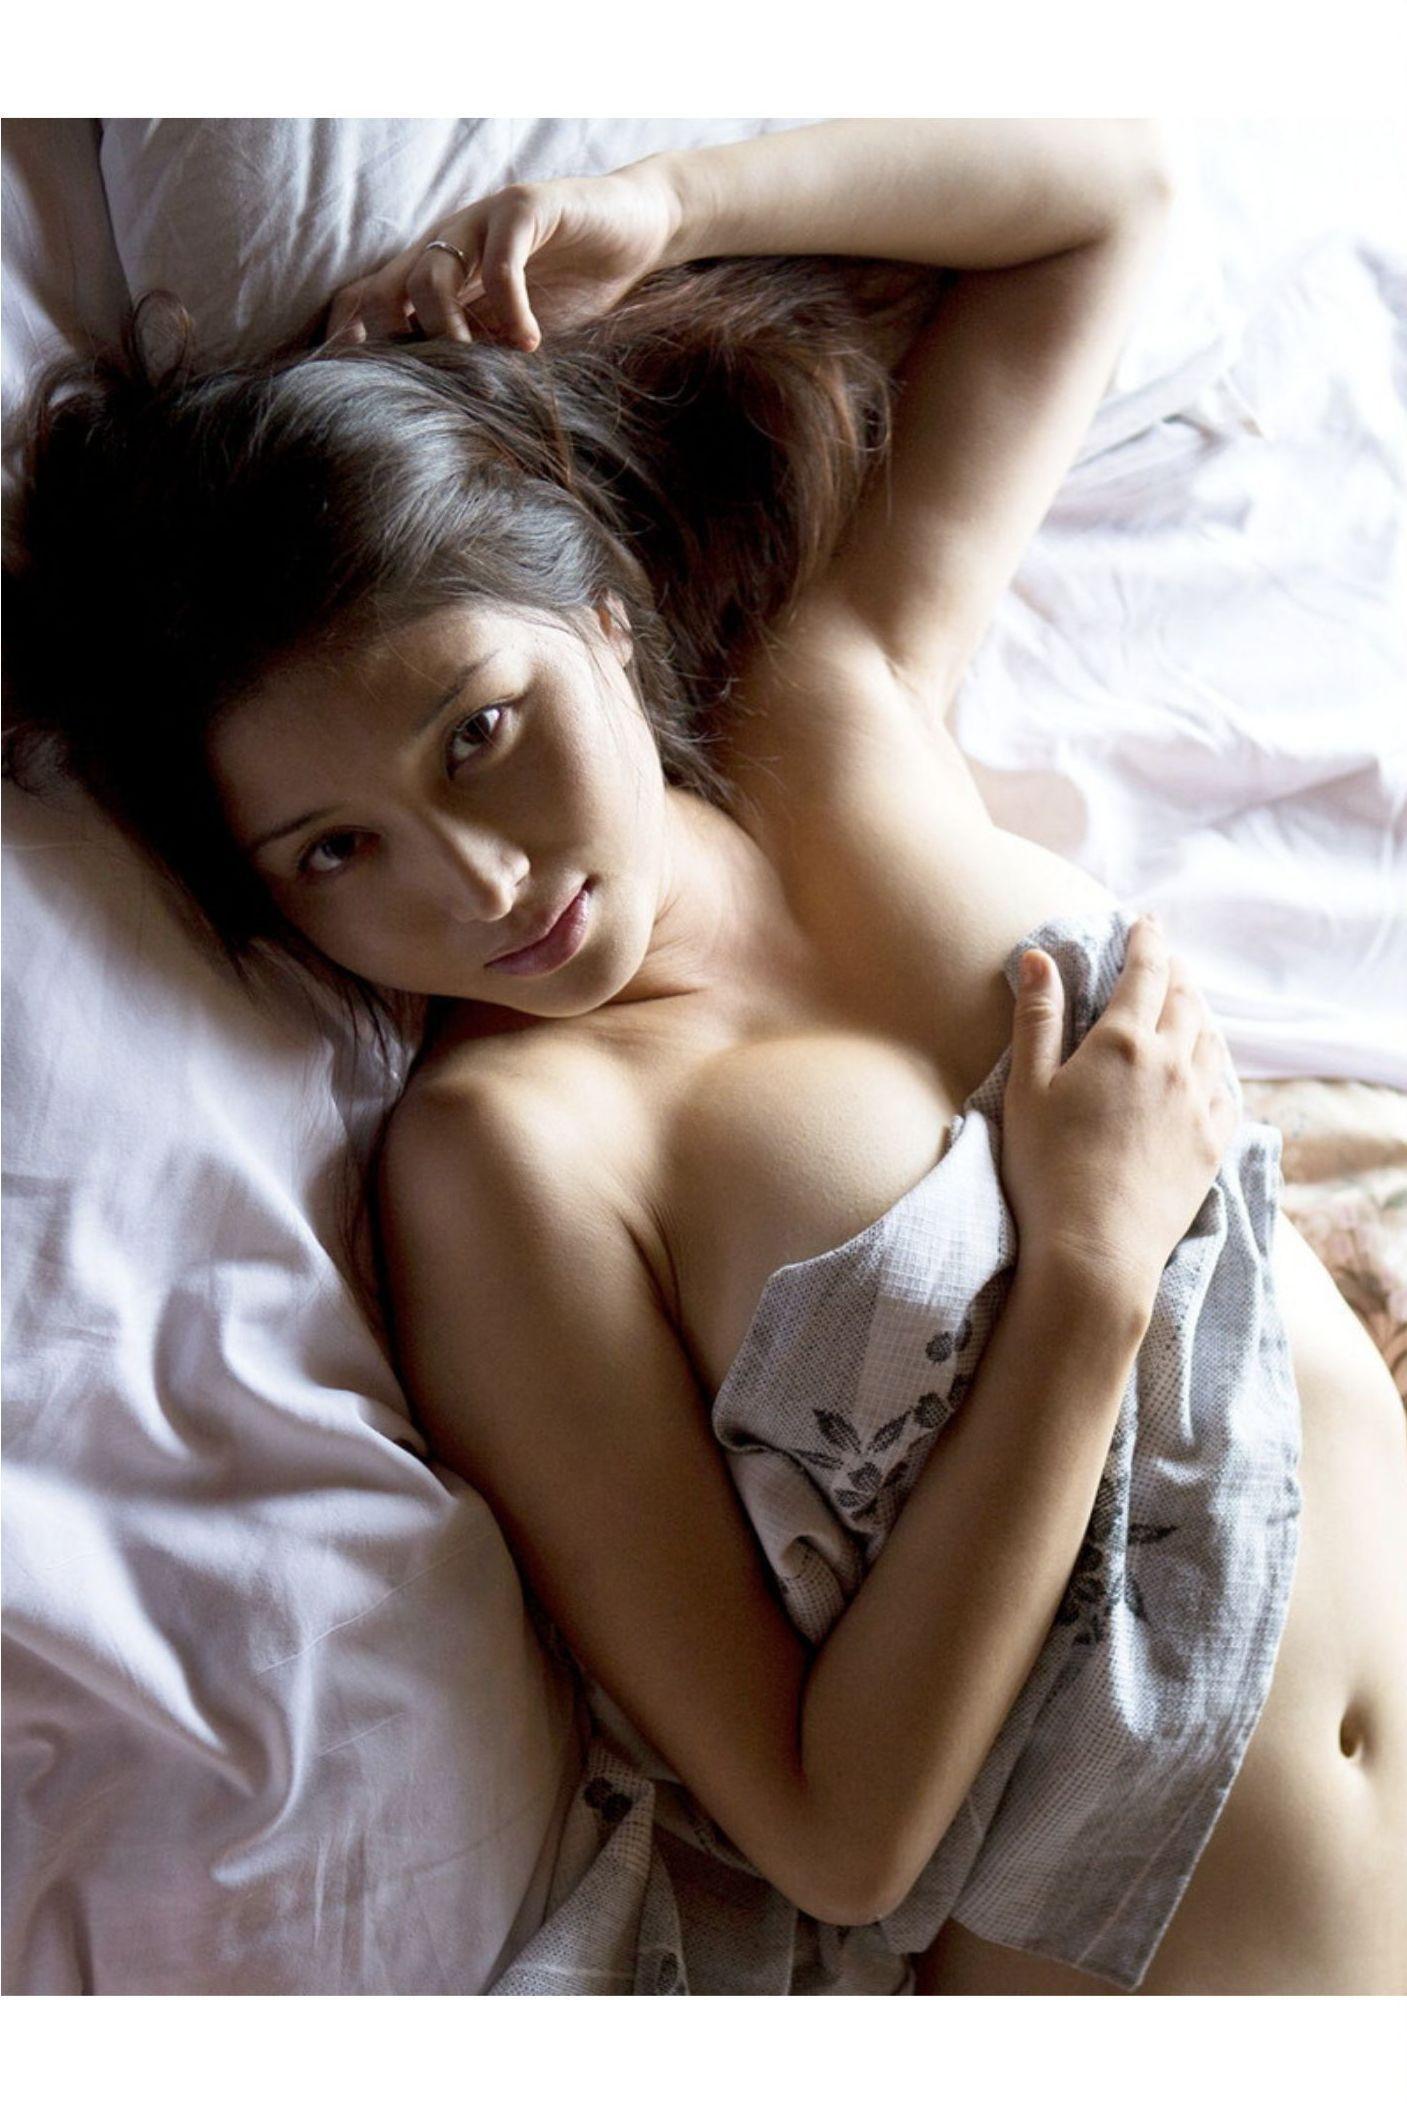 『愛の記憶』橋本マナミ デジタル写真集 052